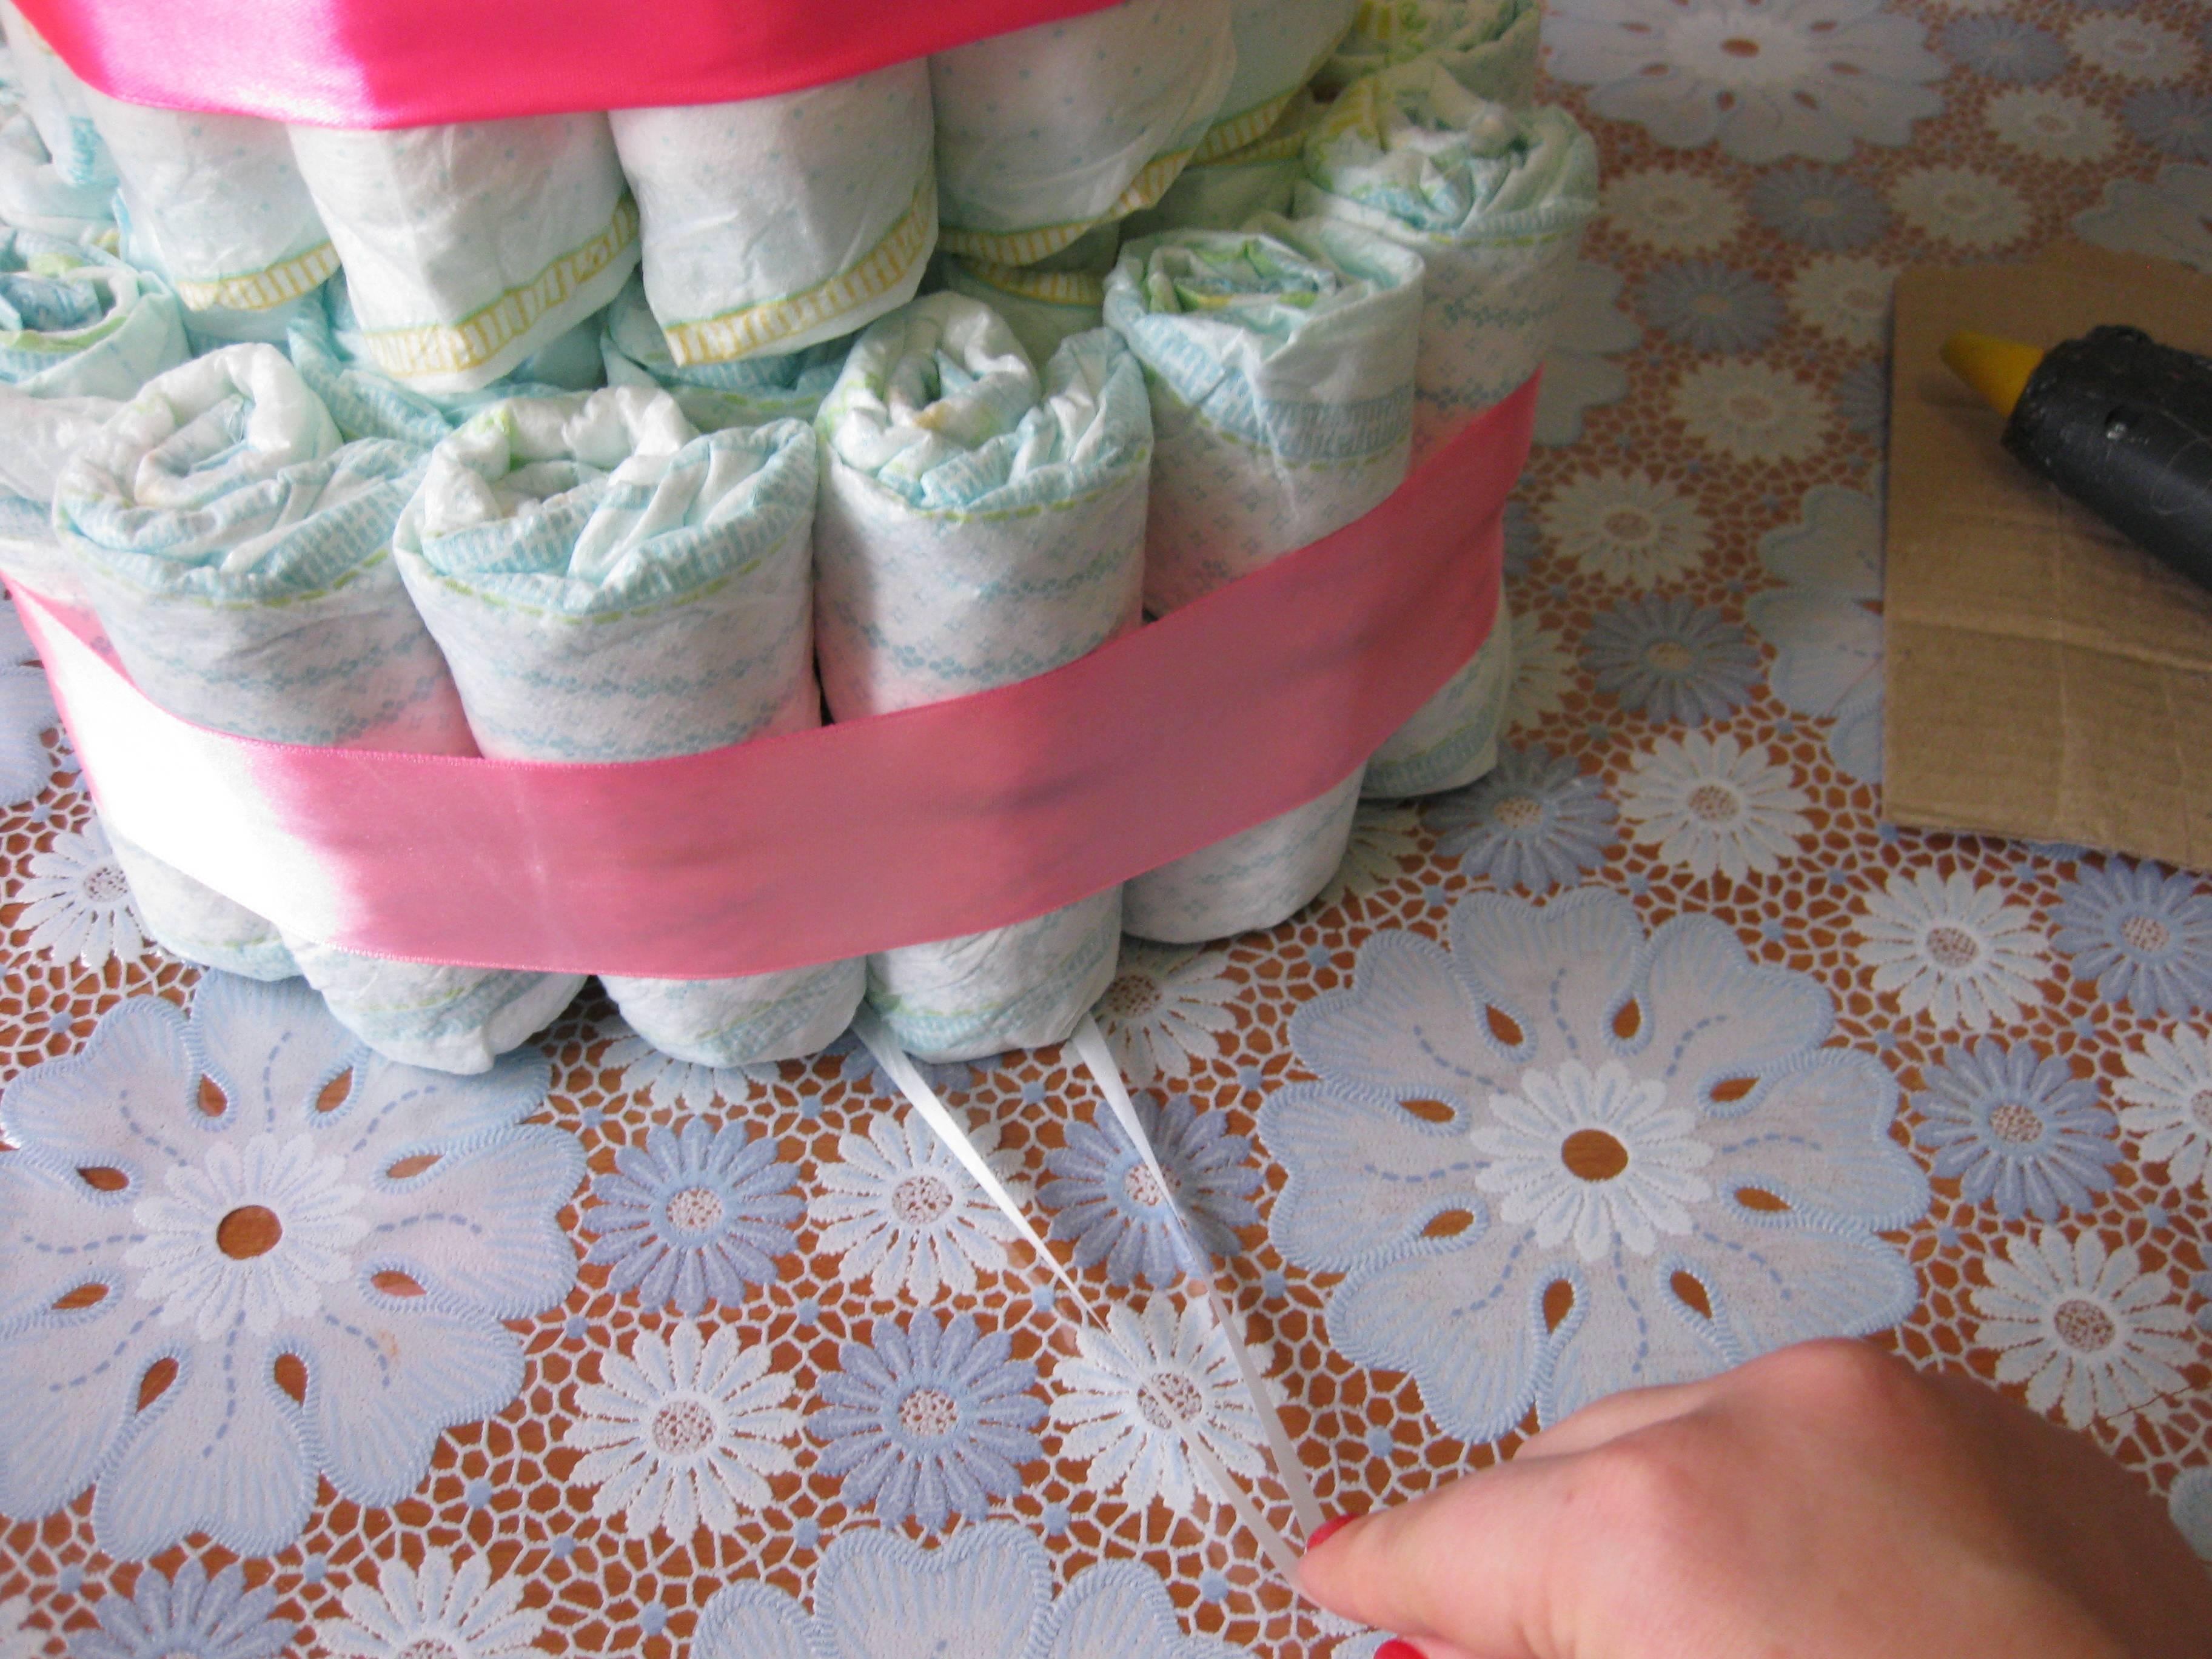 Торт из памперсов своими руками (девочке, мальчику): пошаговое фото, мастер-класс | своими руками | vpolozhenii.com